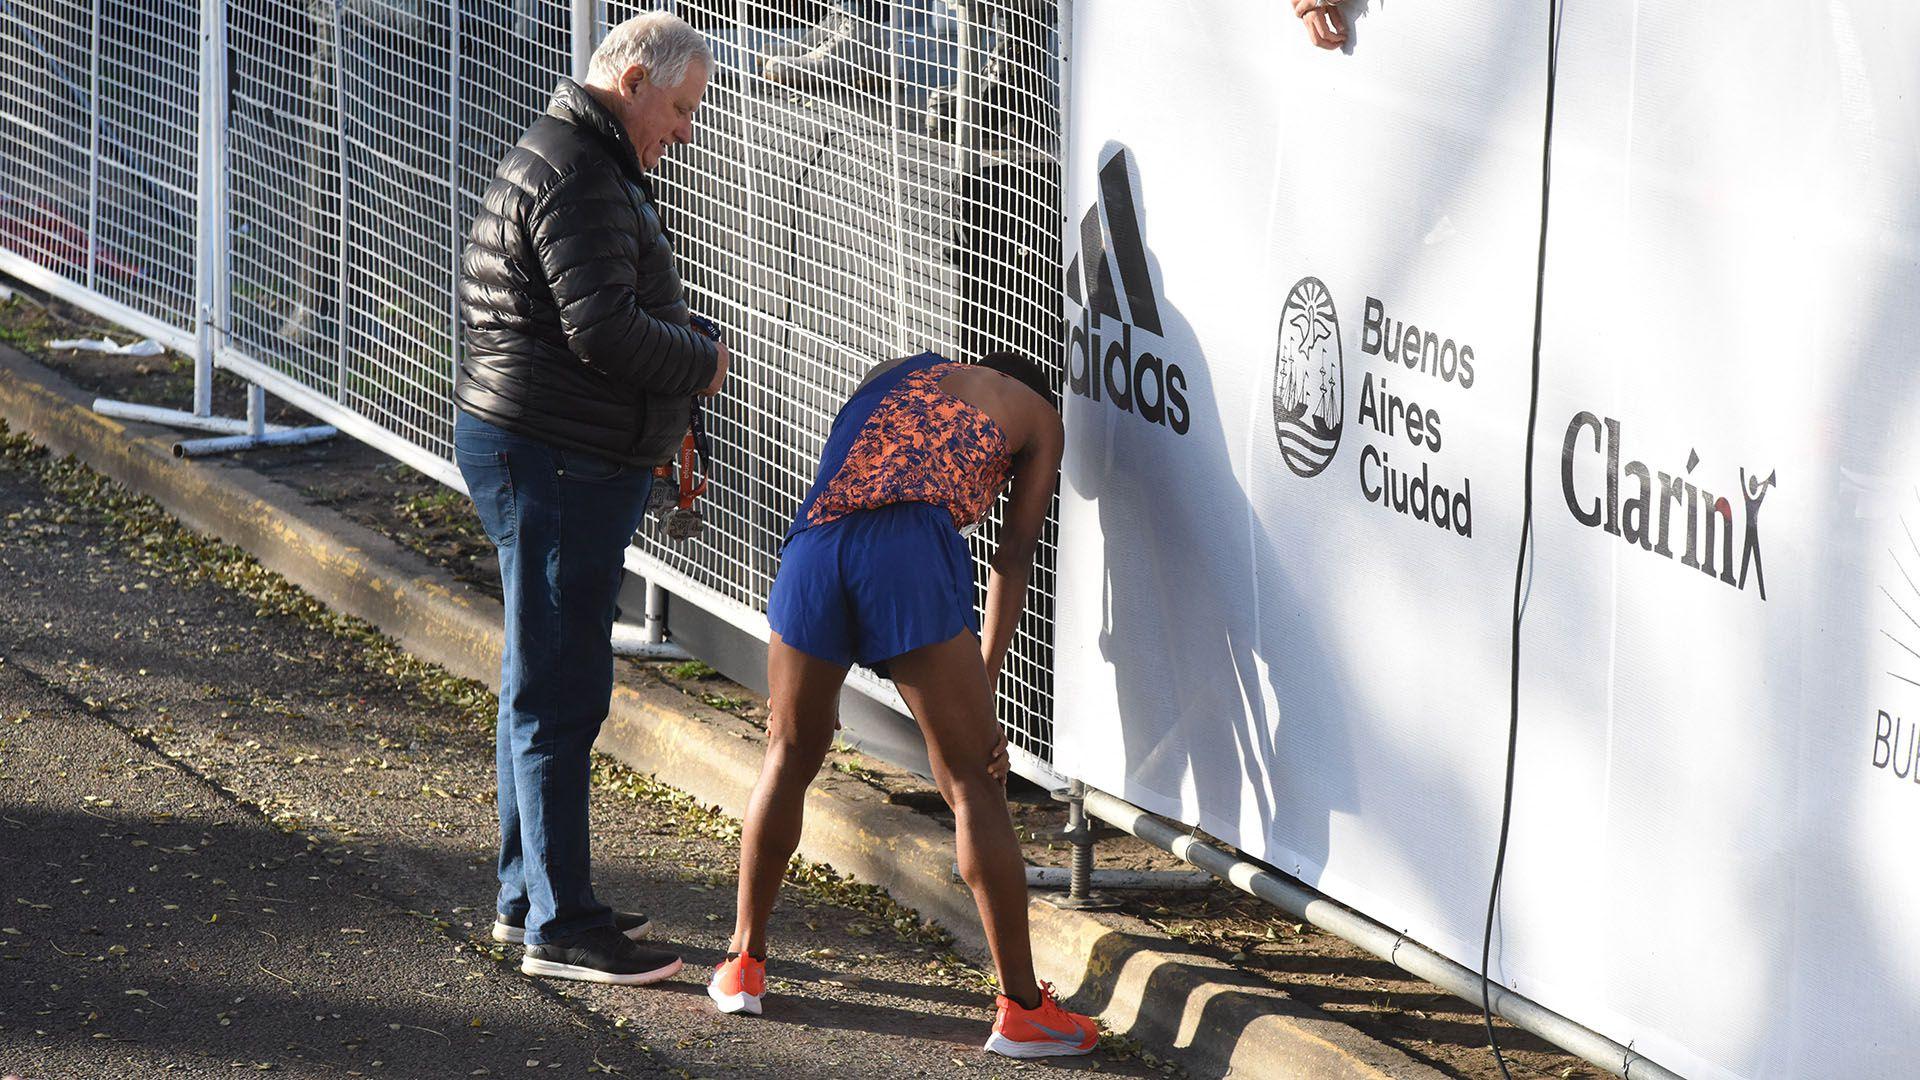 El desgaste posterior a la competición de uno de los corredores